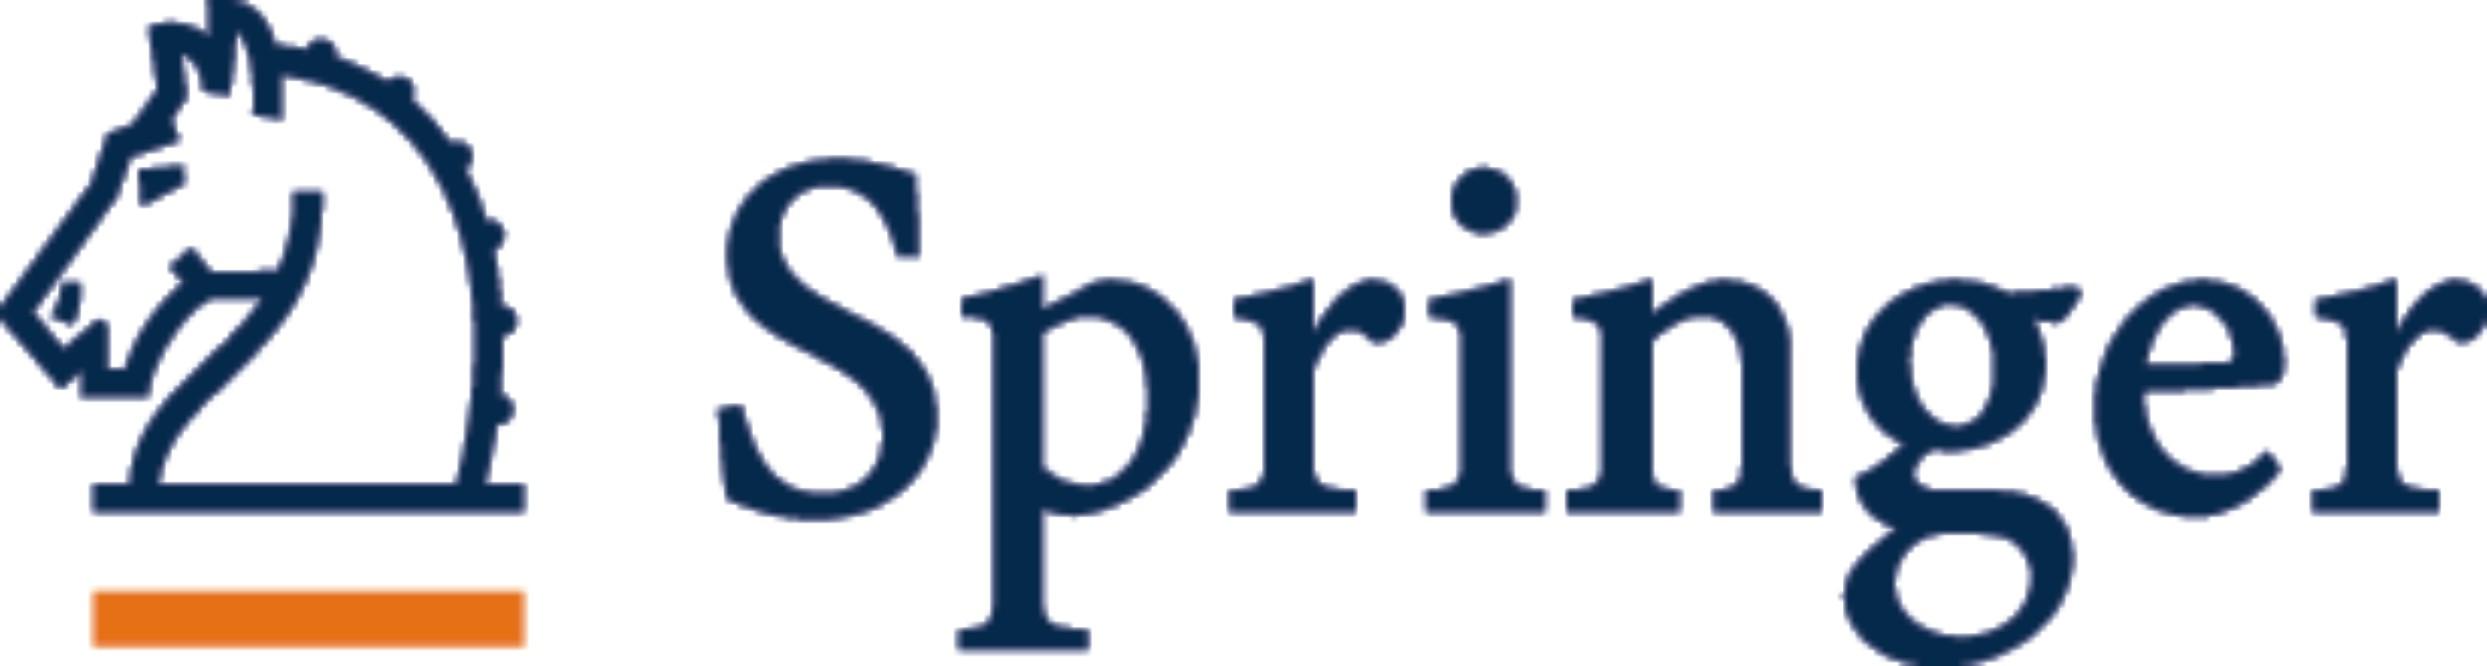 Springer_logo.jpg